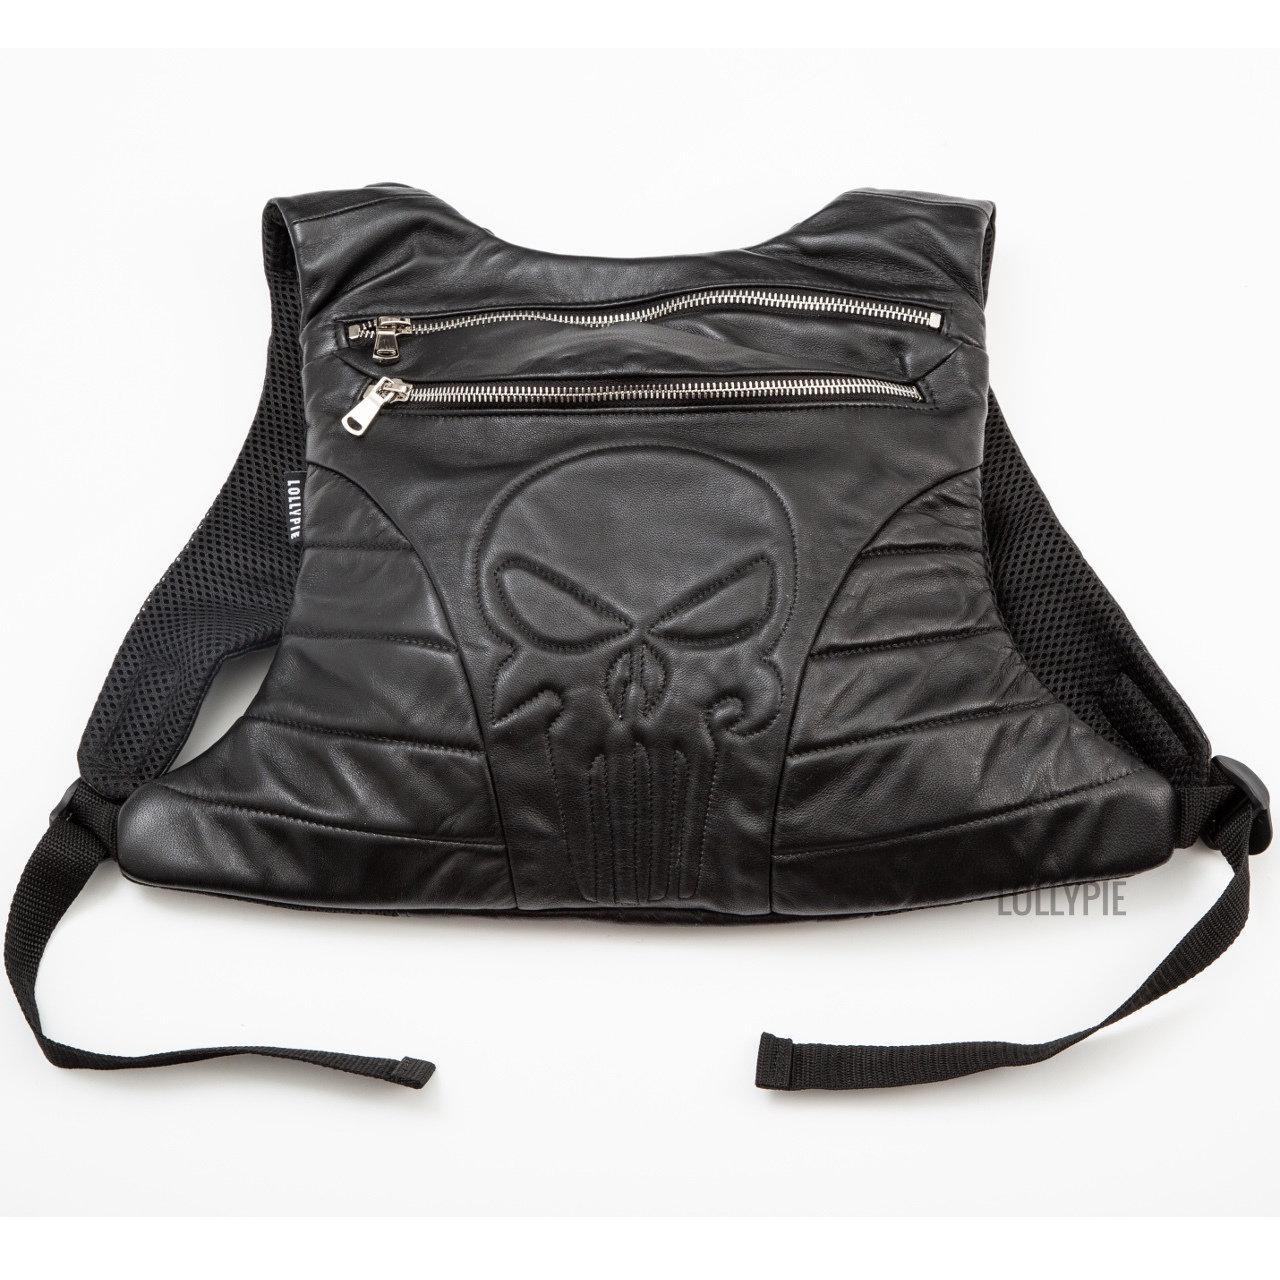 Рюкзак Lollypie кожаный городской, черный